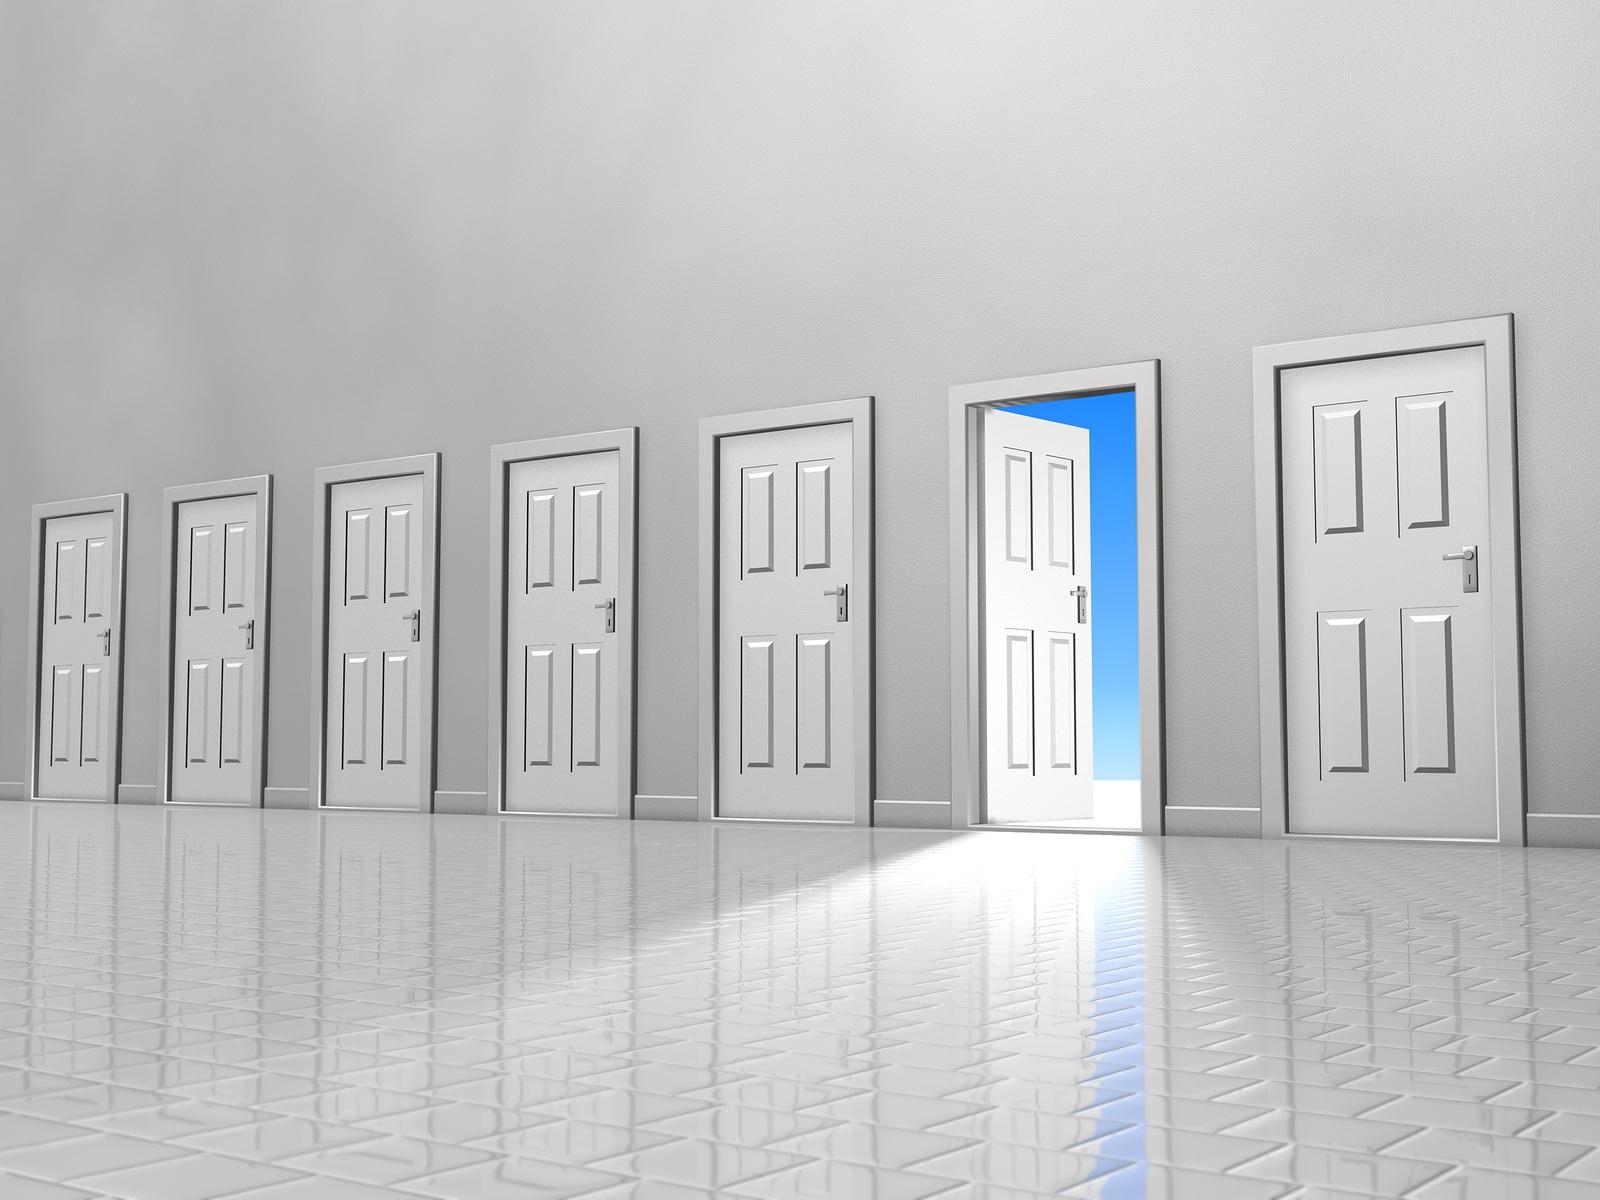 Open and closed doors quotes quotesgram for 0pen door